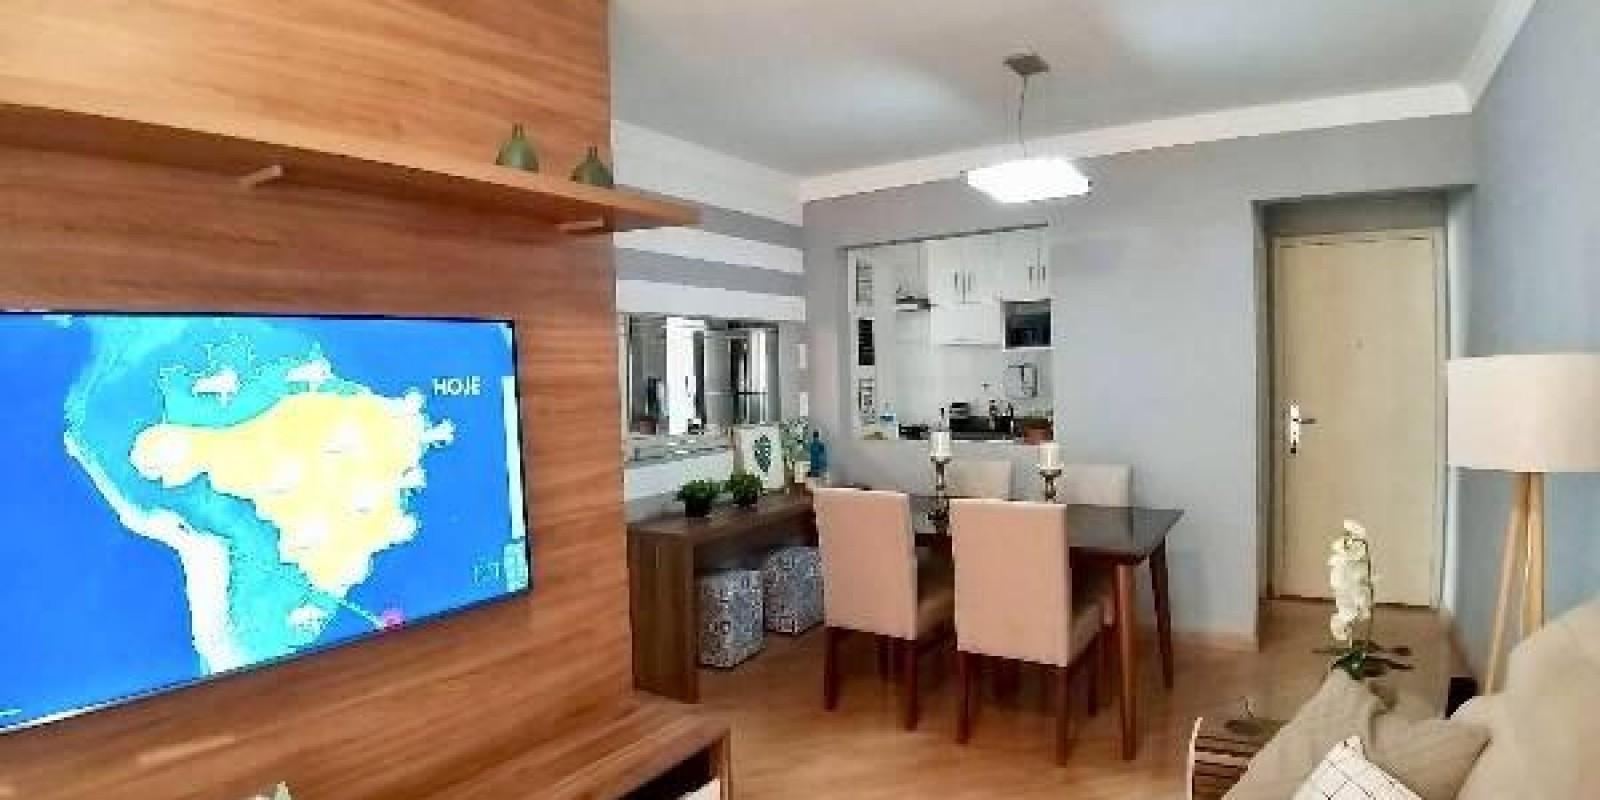 Apartamento na Barra Funda Sp - Foto 4 de 20